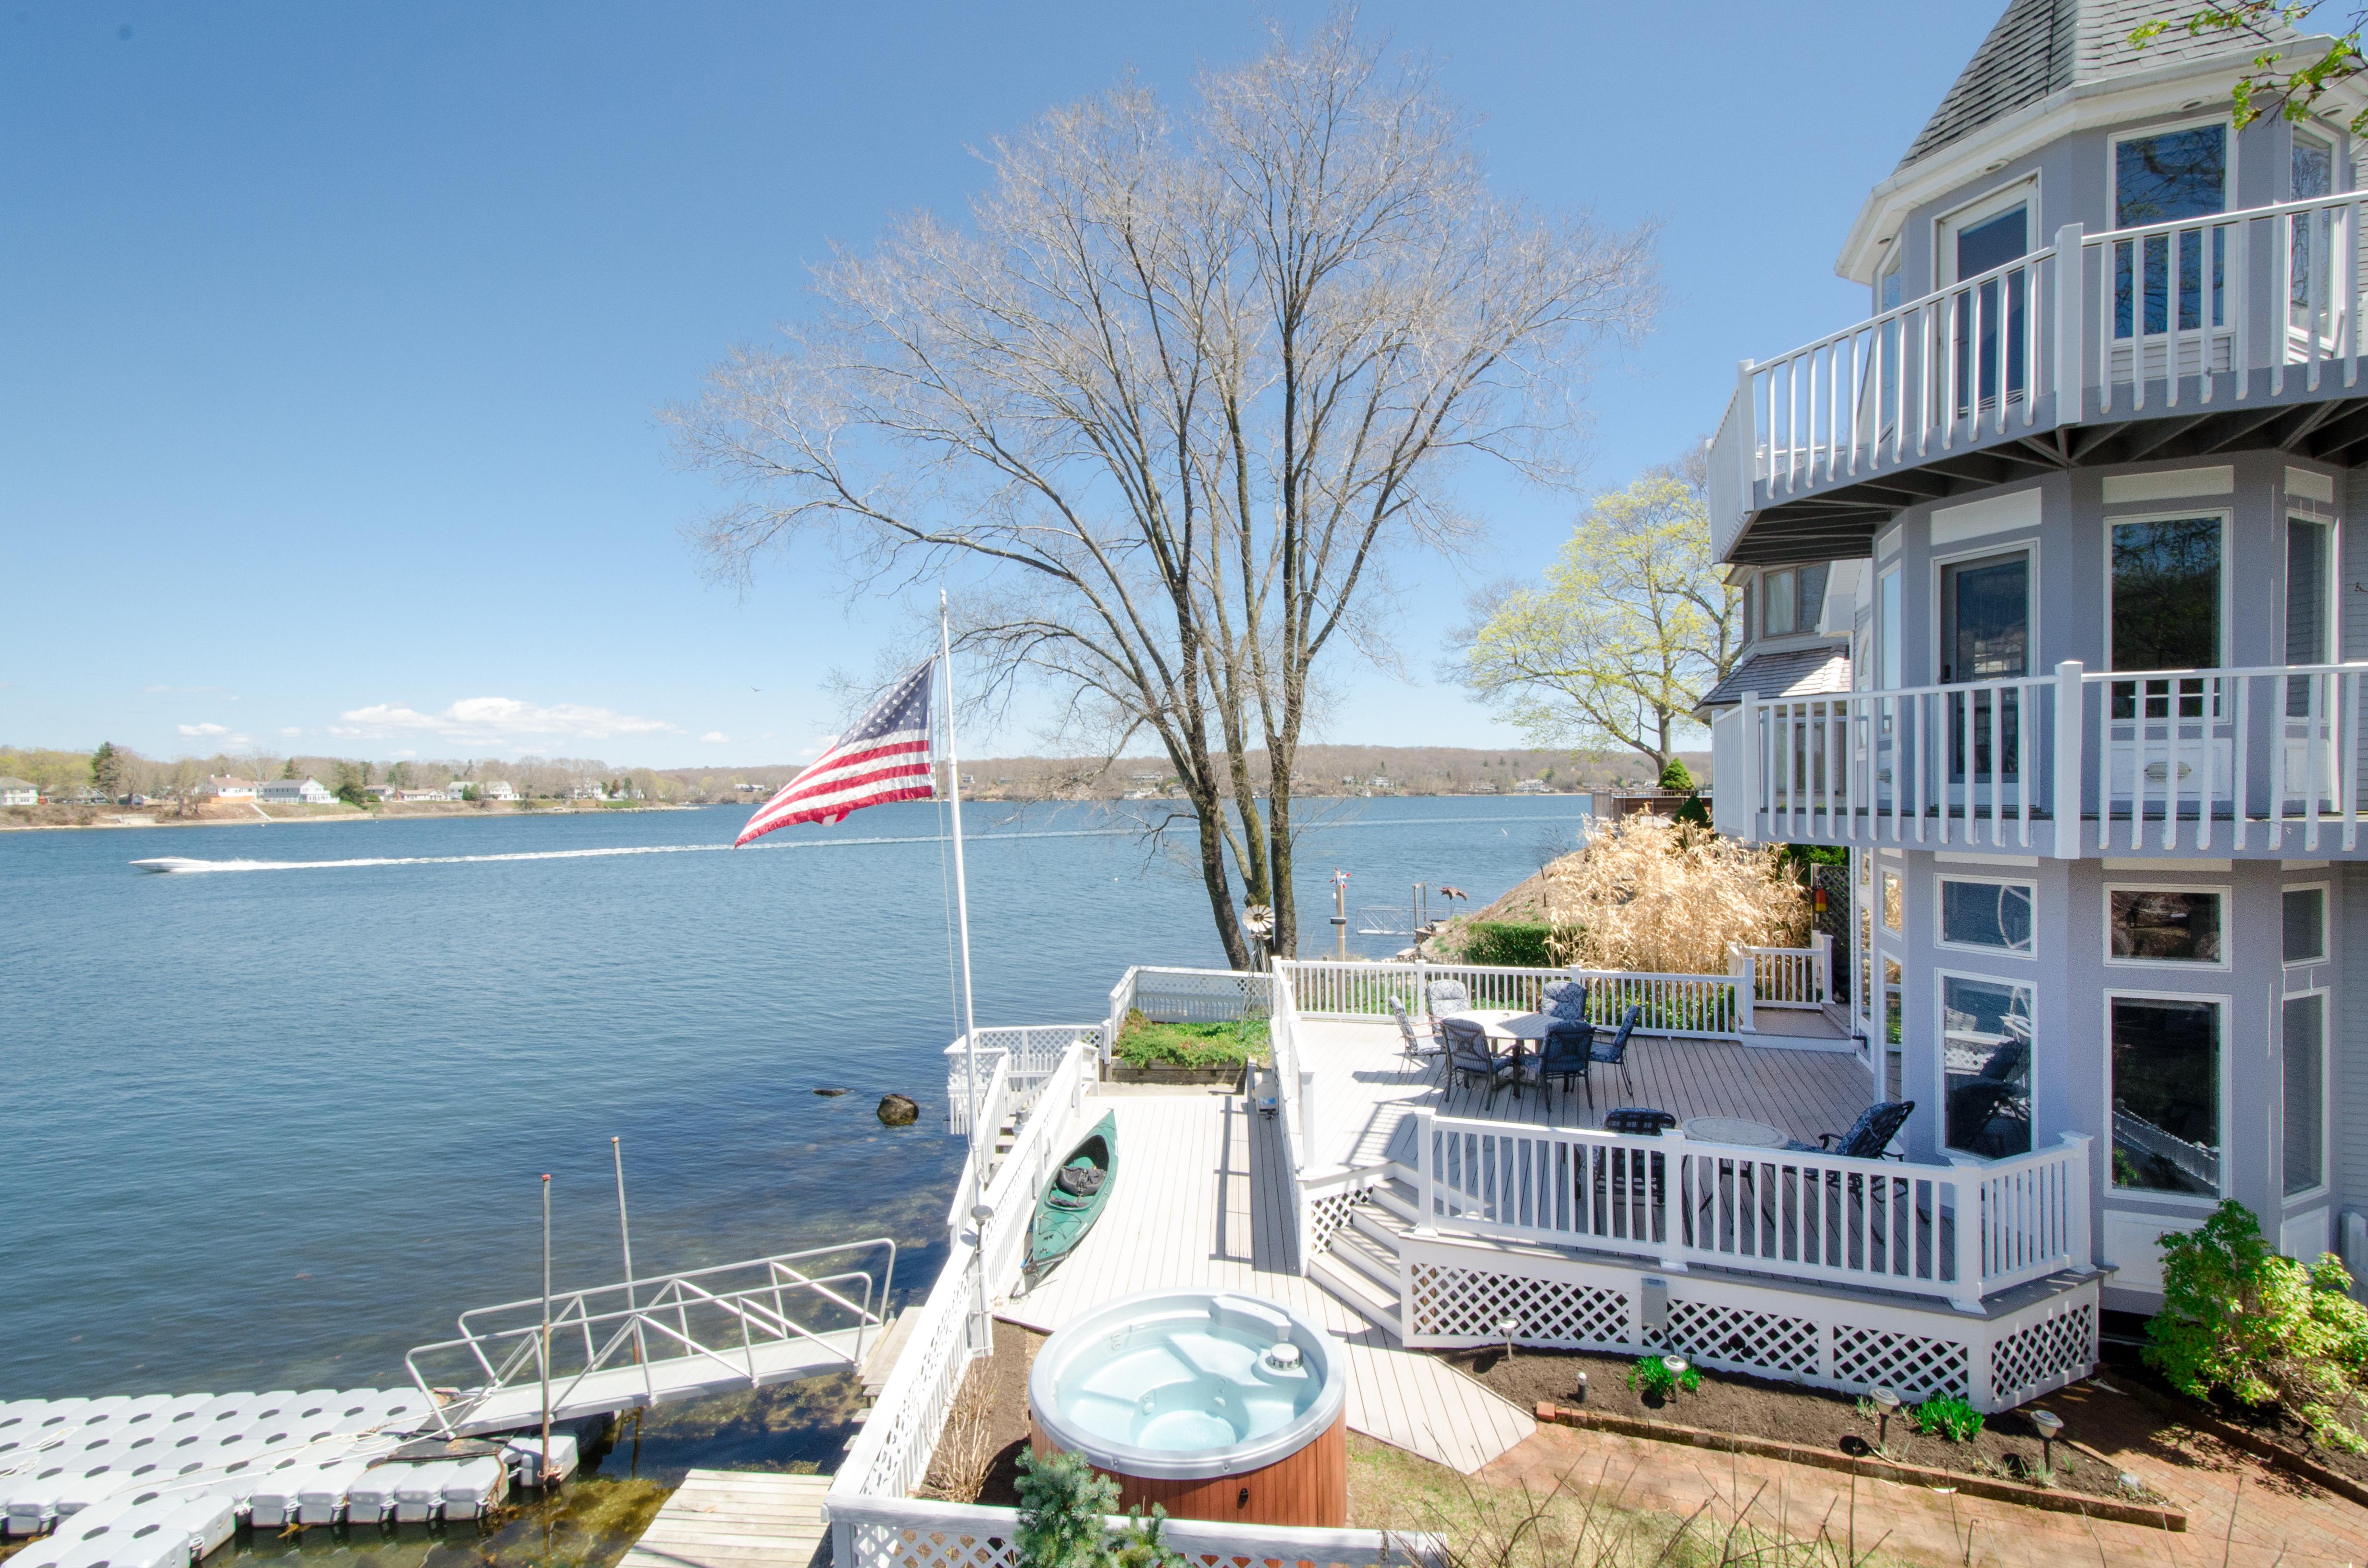 独户住宅 为 销售 在 Year-Round Waterfront Home With Spectacular Views 28 Bishops Bay Road East Lyme, 康涅狄格州 06357 美国